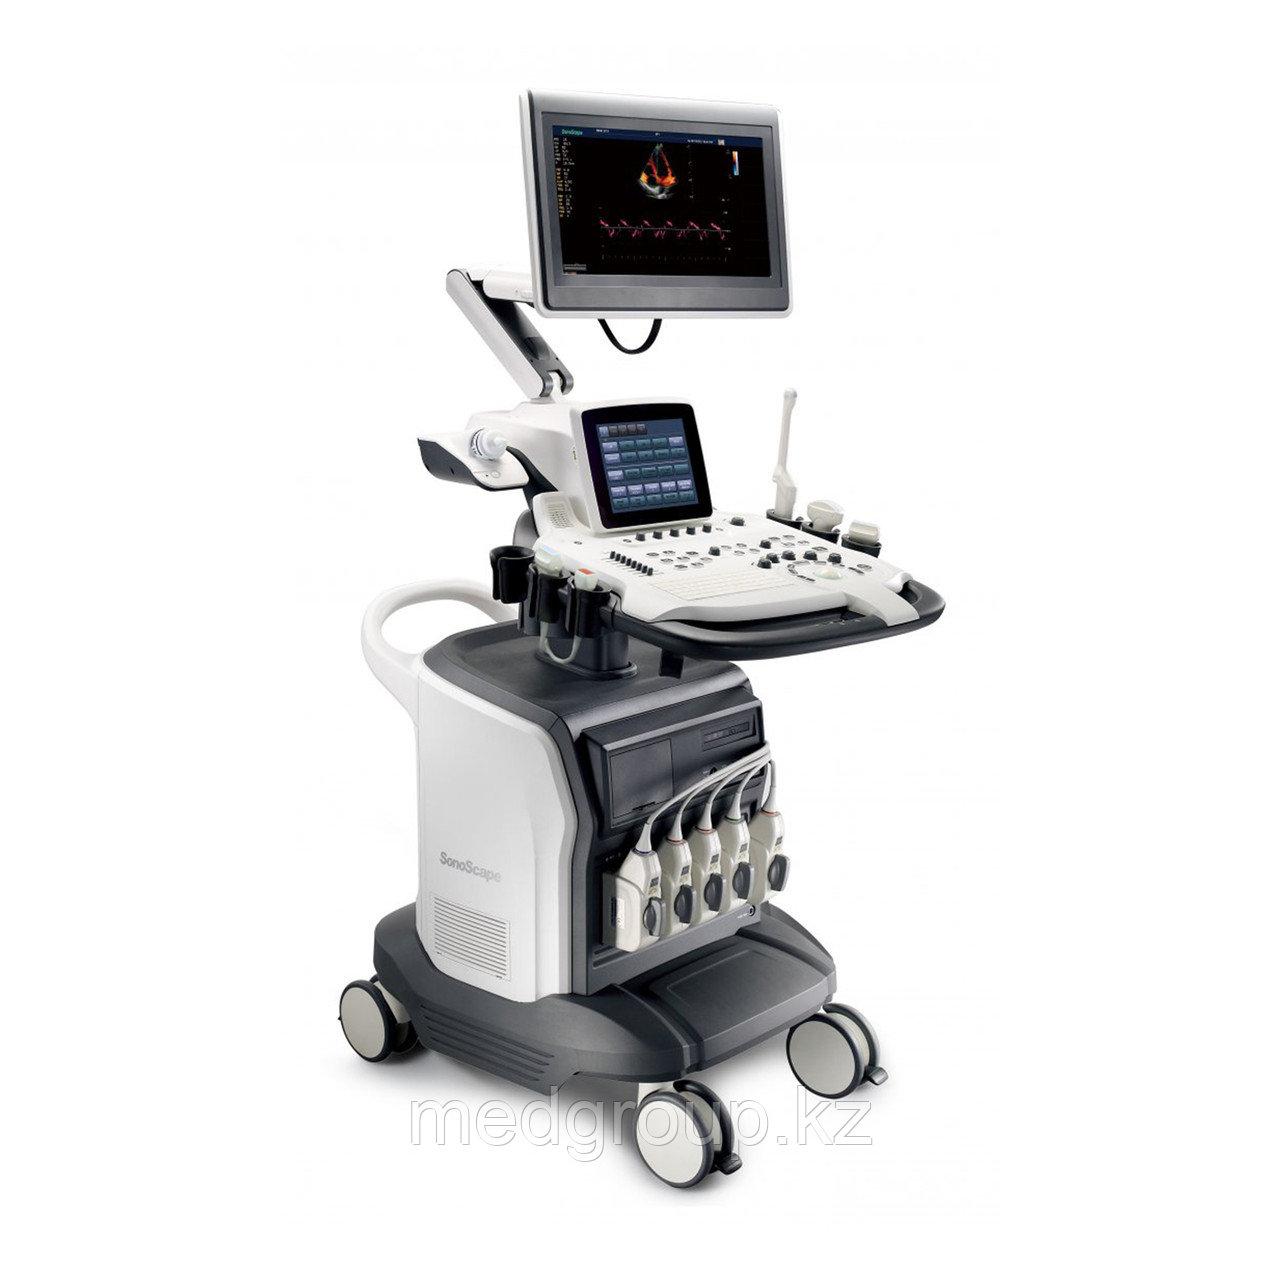 Ультразвуковая система (сканер) SonoScape S40Pro